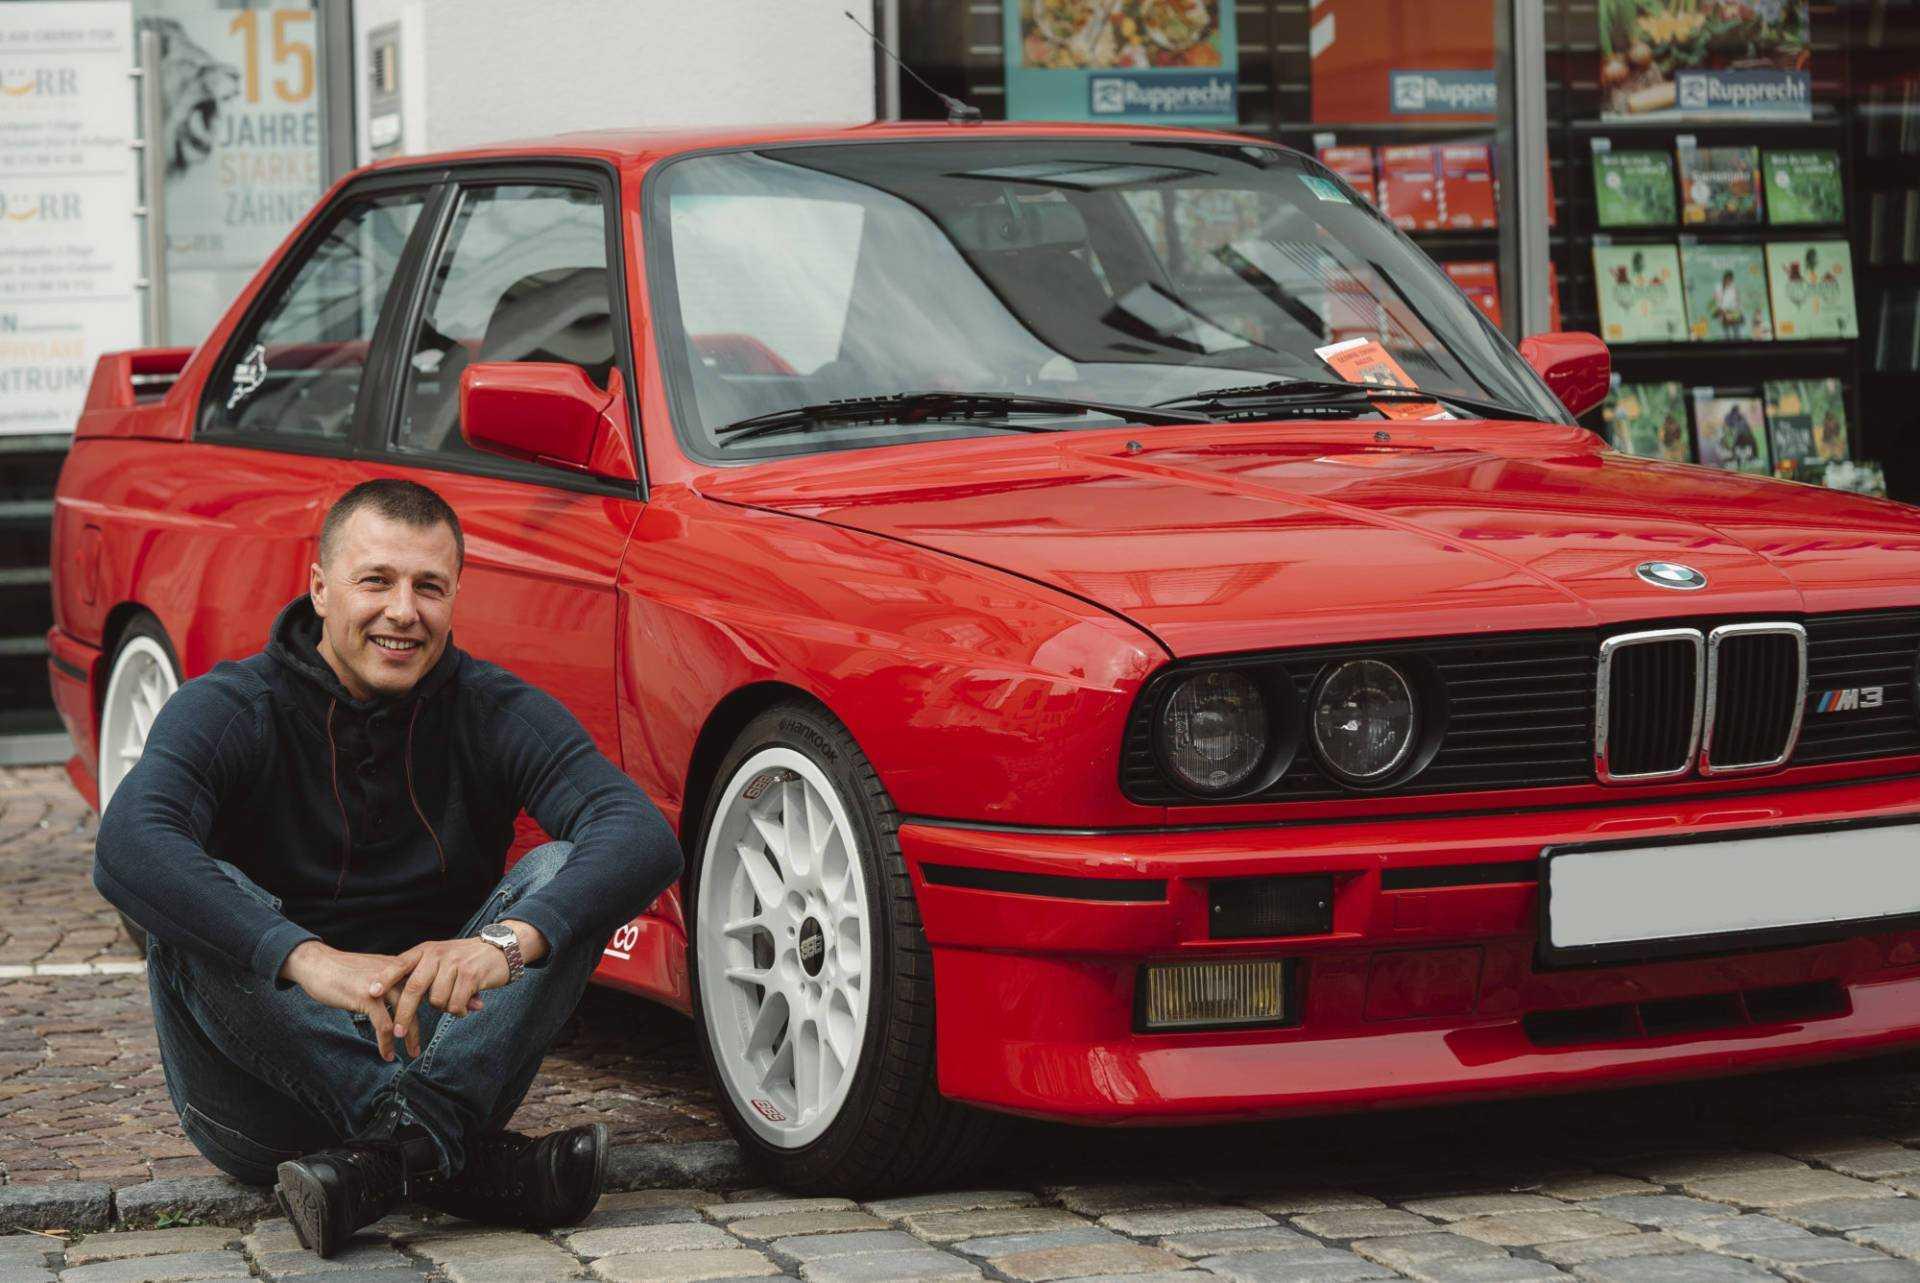 Что выгоднее: пригнать автомобиль из Германии или купить на авторынке в Украине?